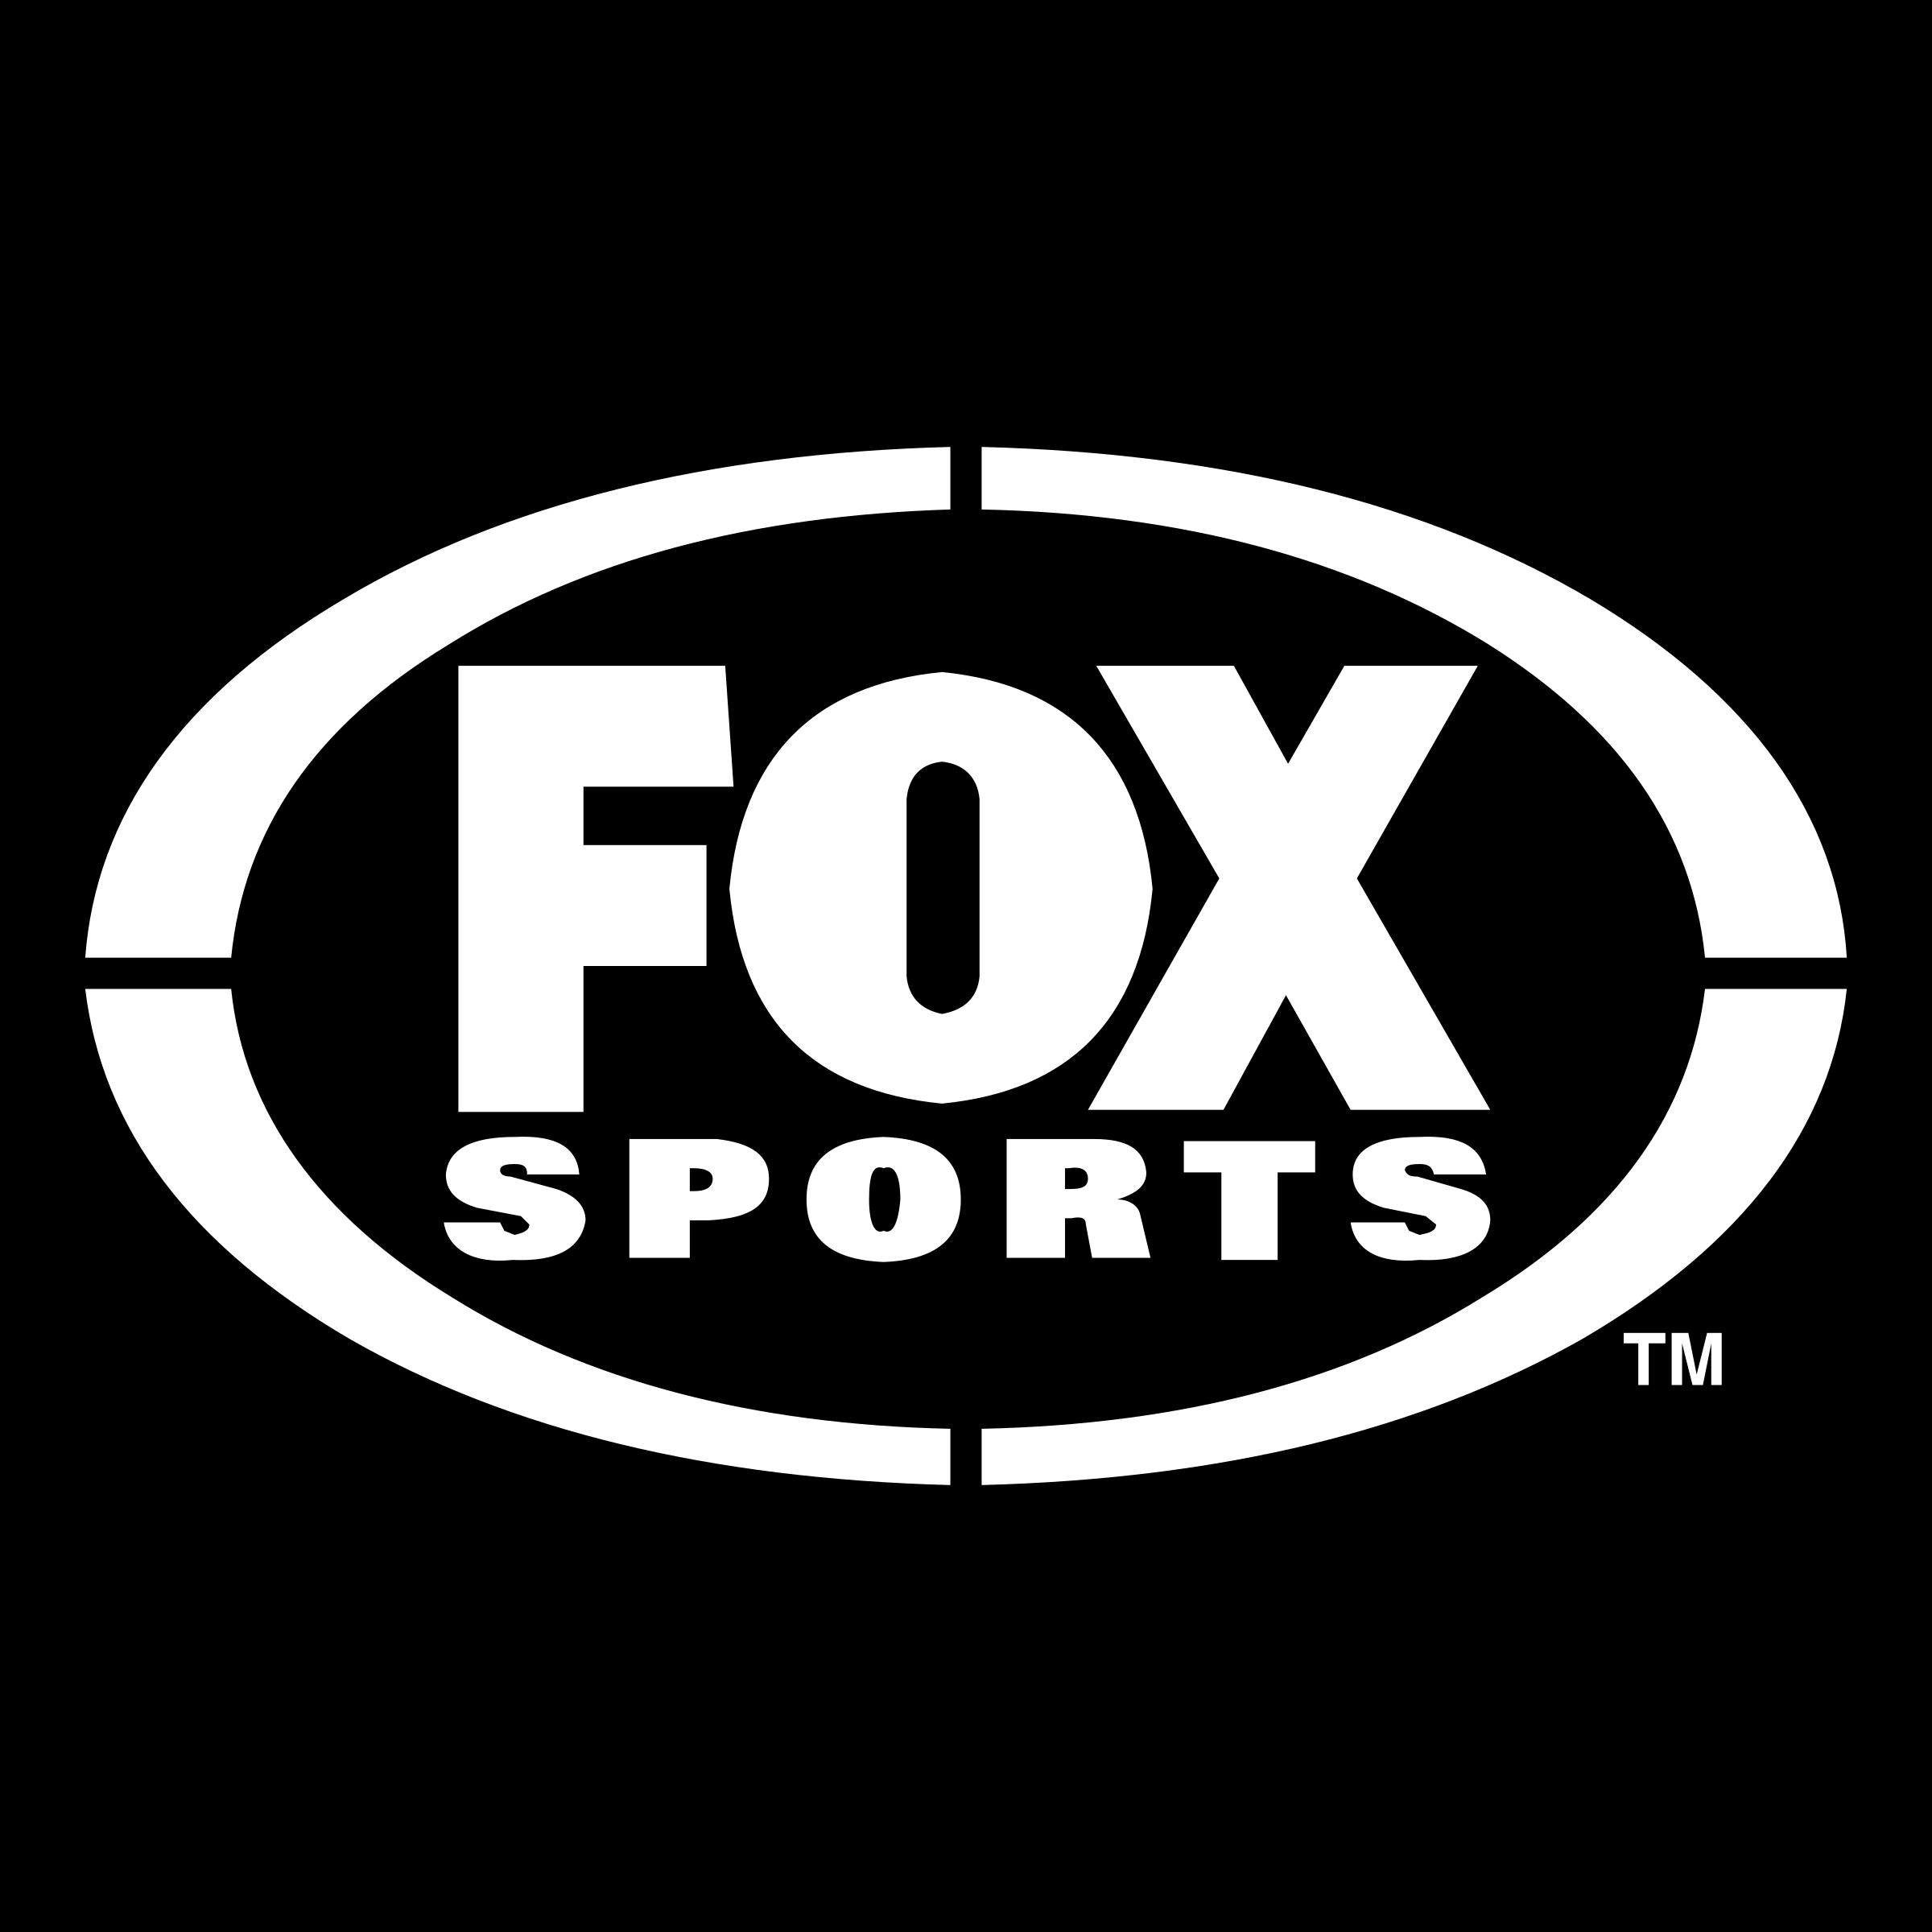 Fox Sports Black